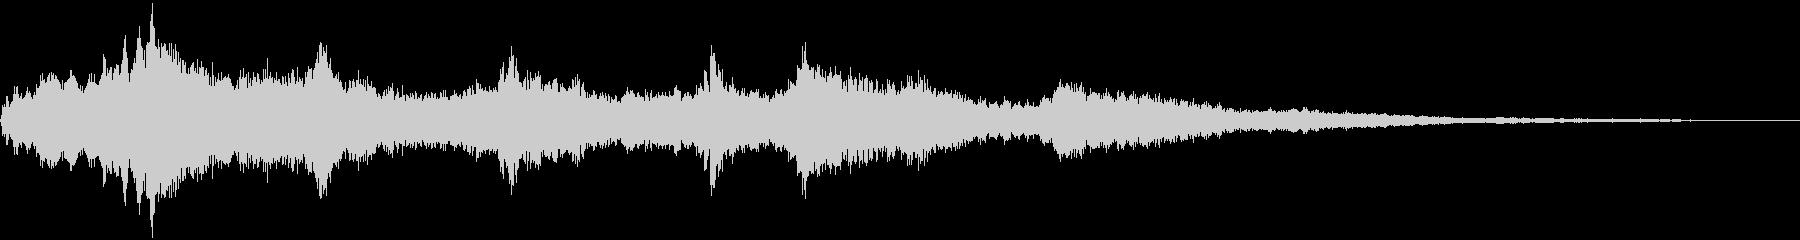 ウインドチャイム1の未再生の波形